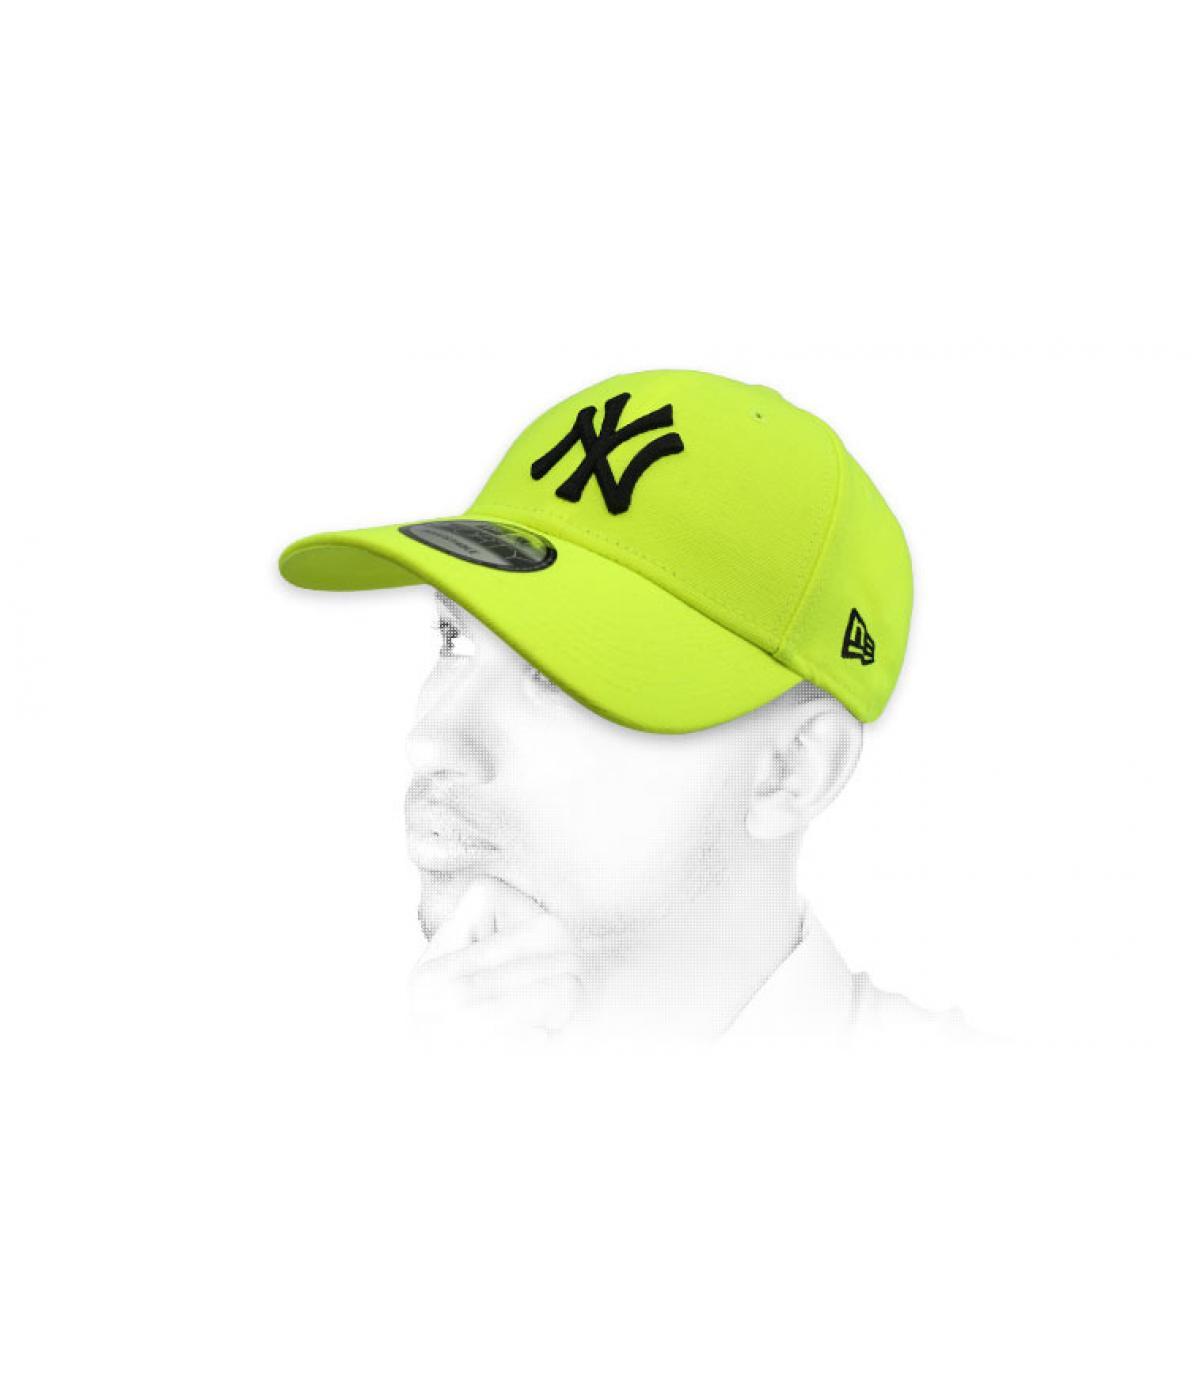 fluorescent yellow NY cap